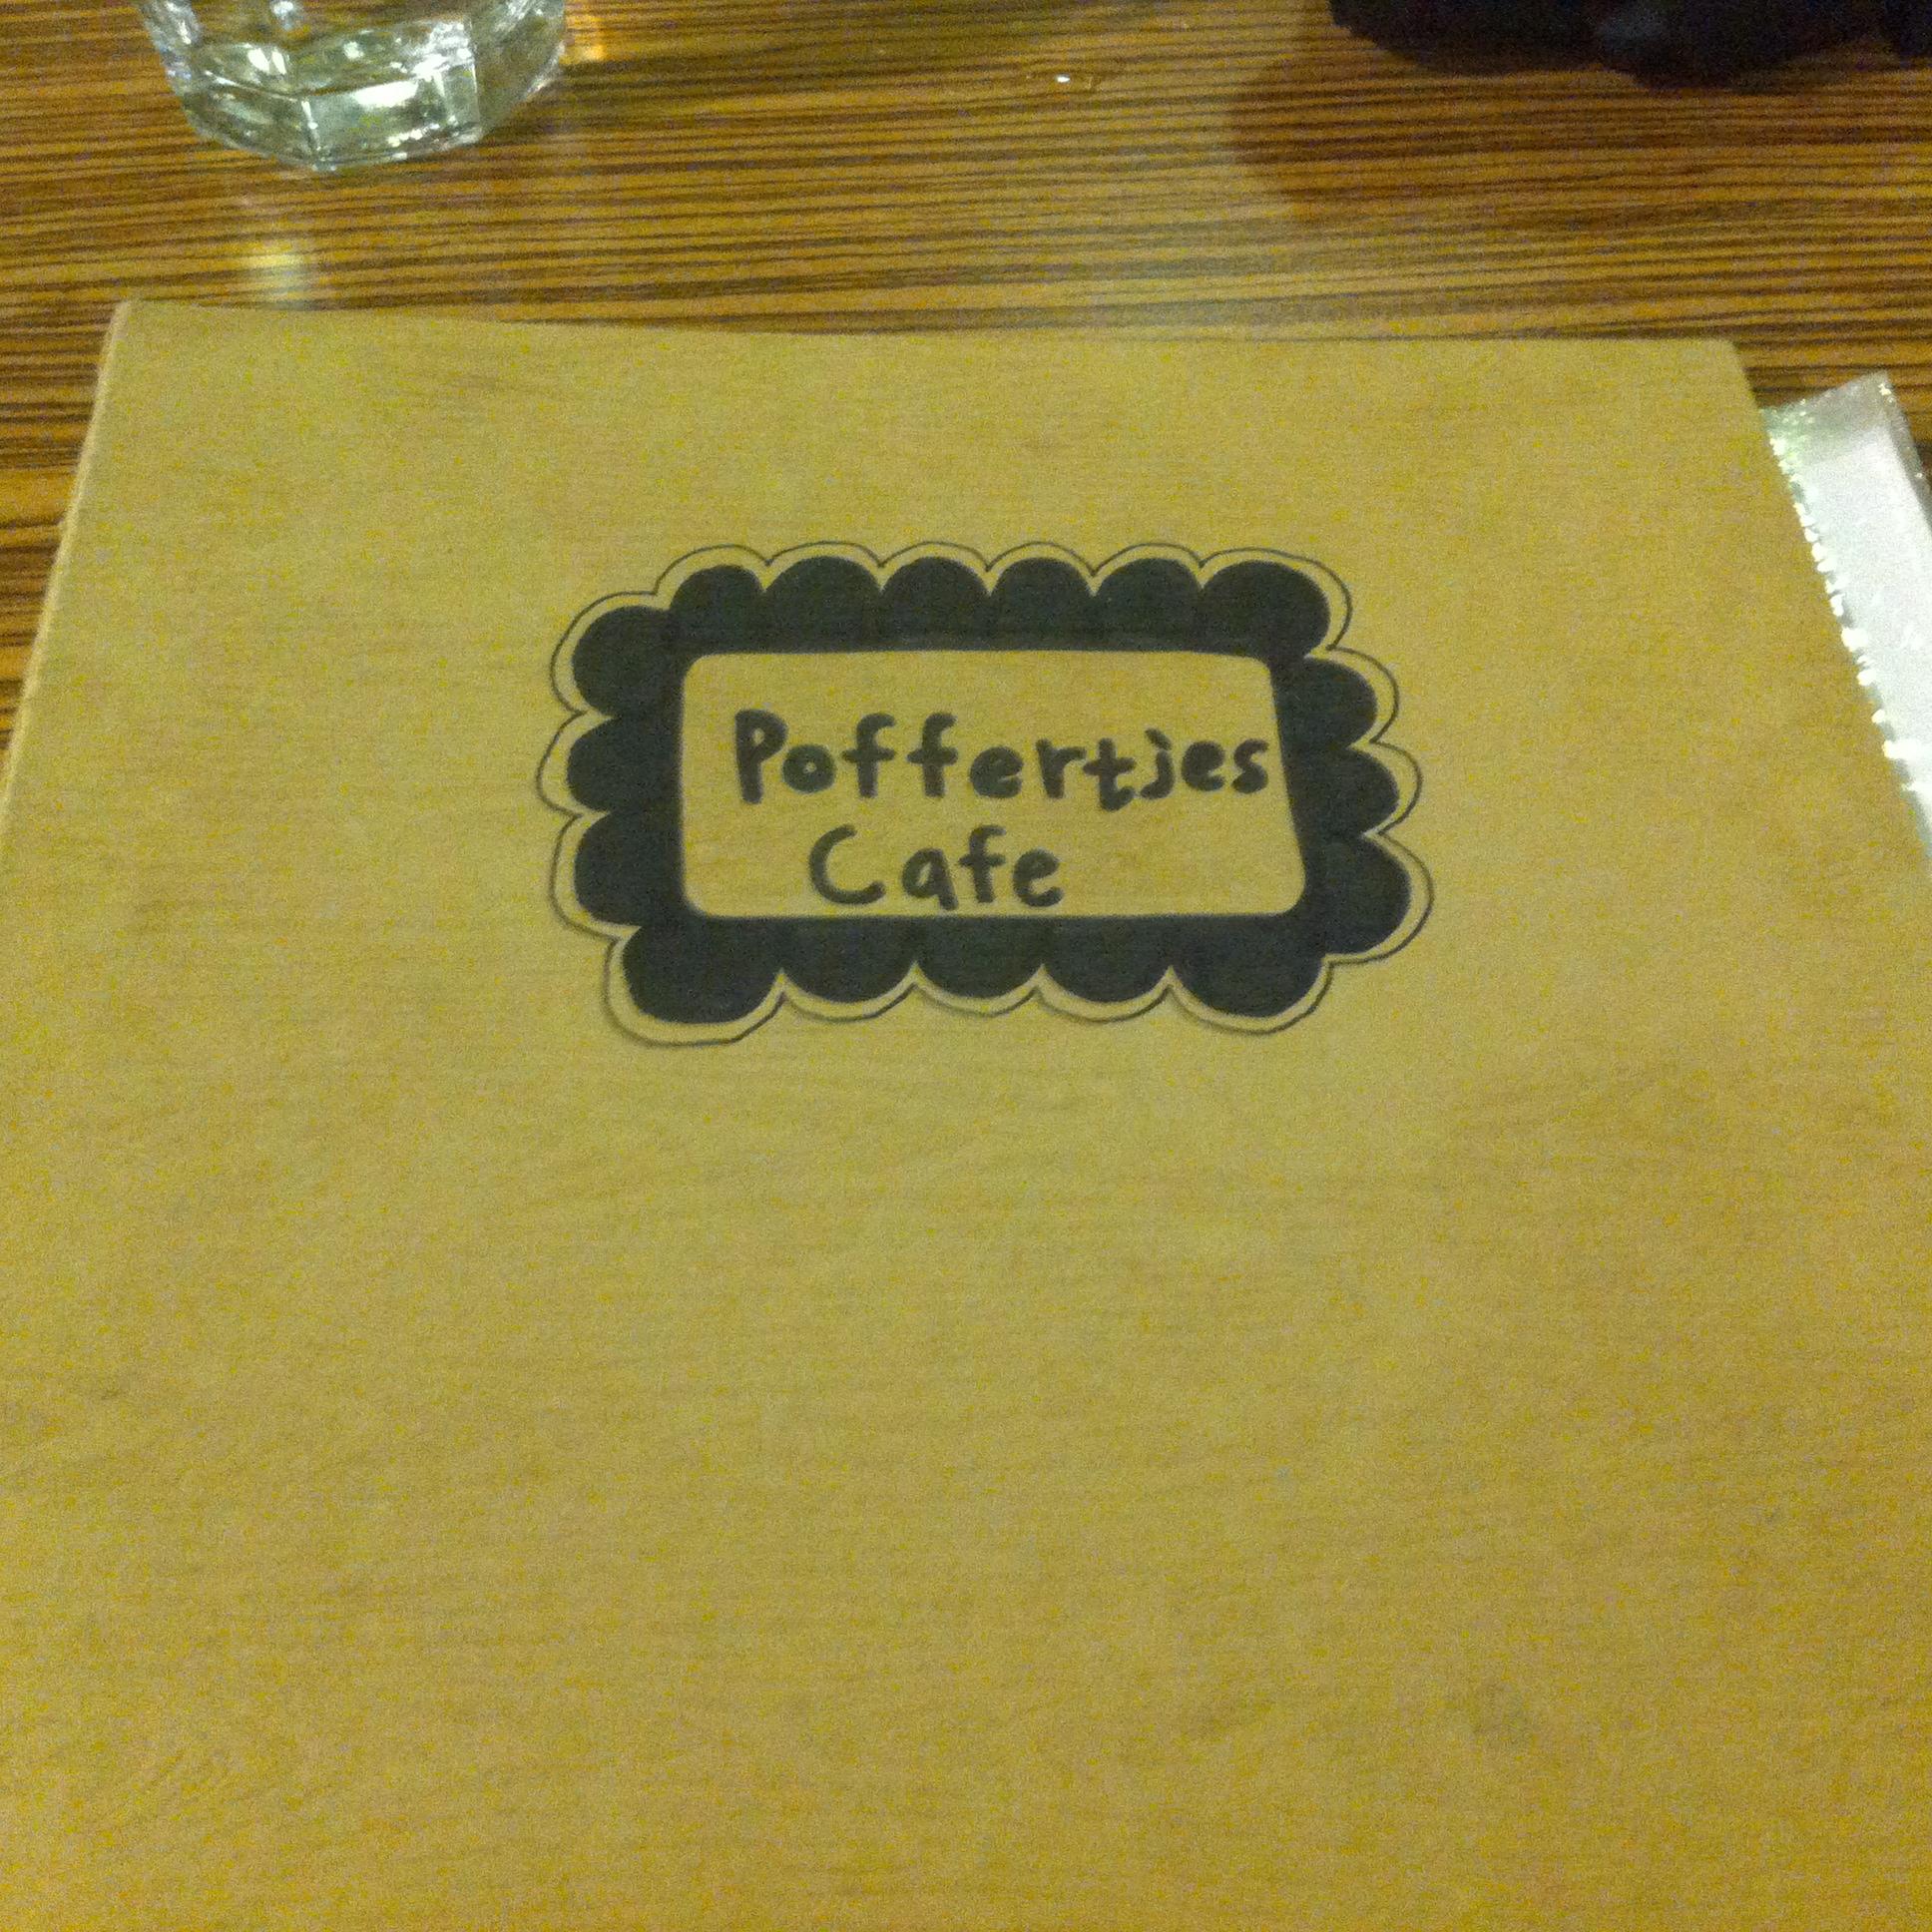 Poffertjes Cafe 荷蘭小鬆餅珈琲